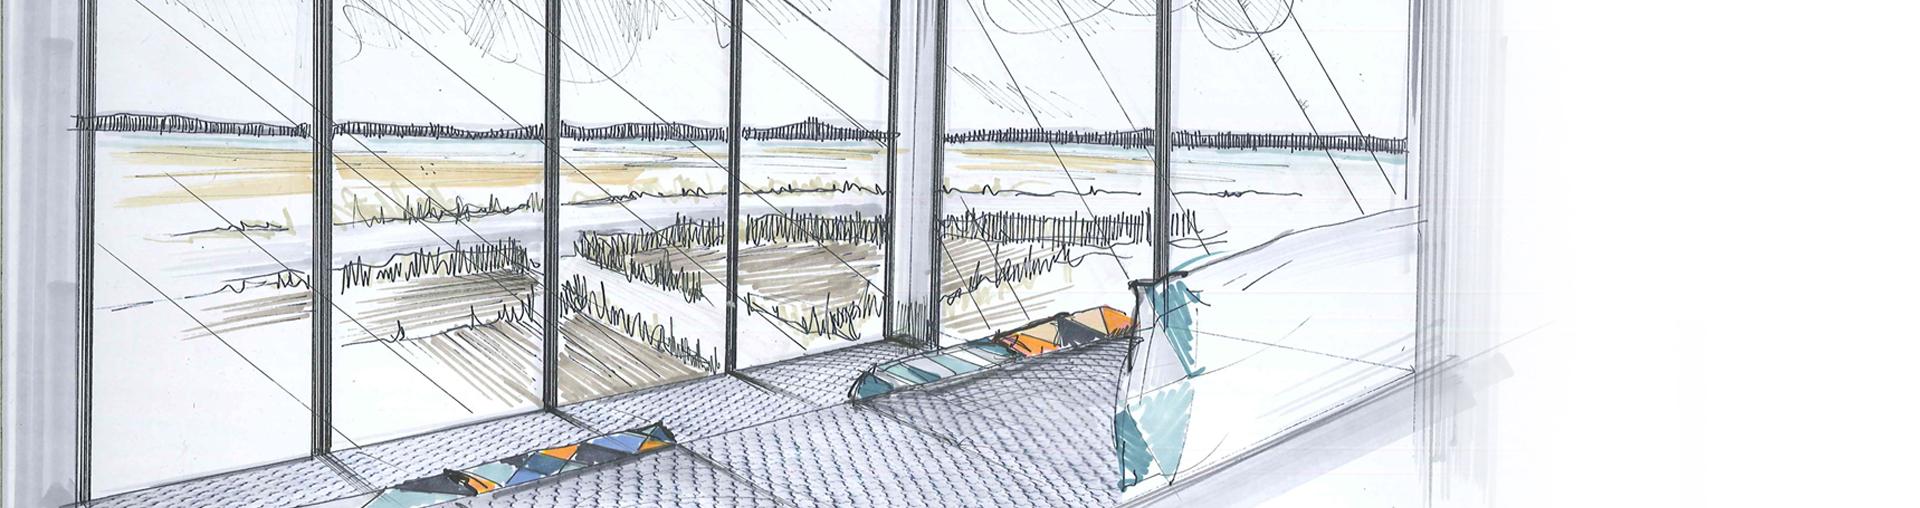 IFAT- Formation Architecte interieur - Vannes-Morbihan